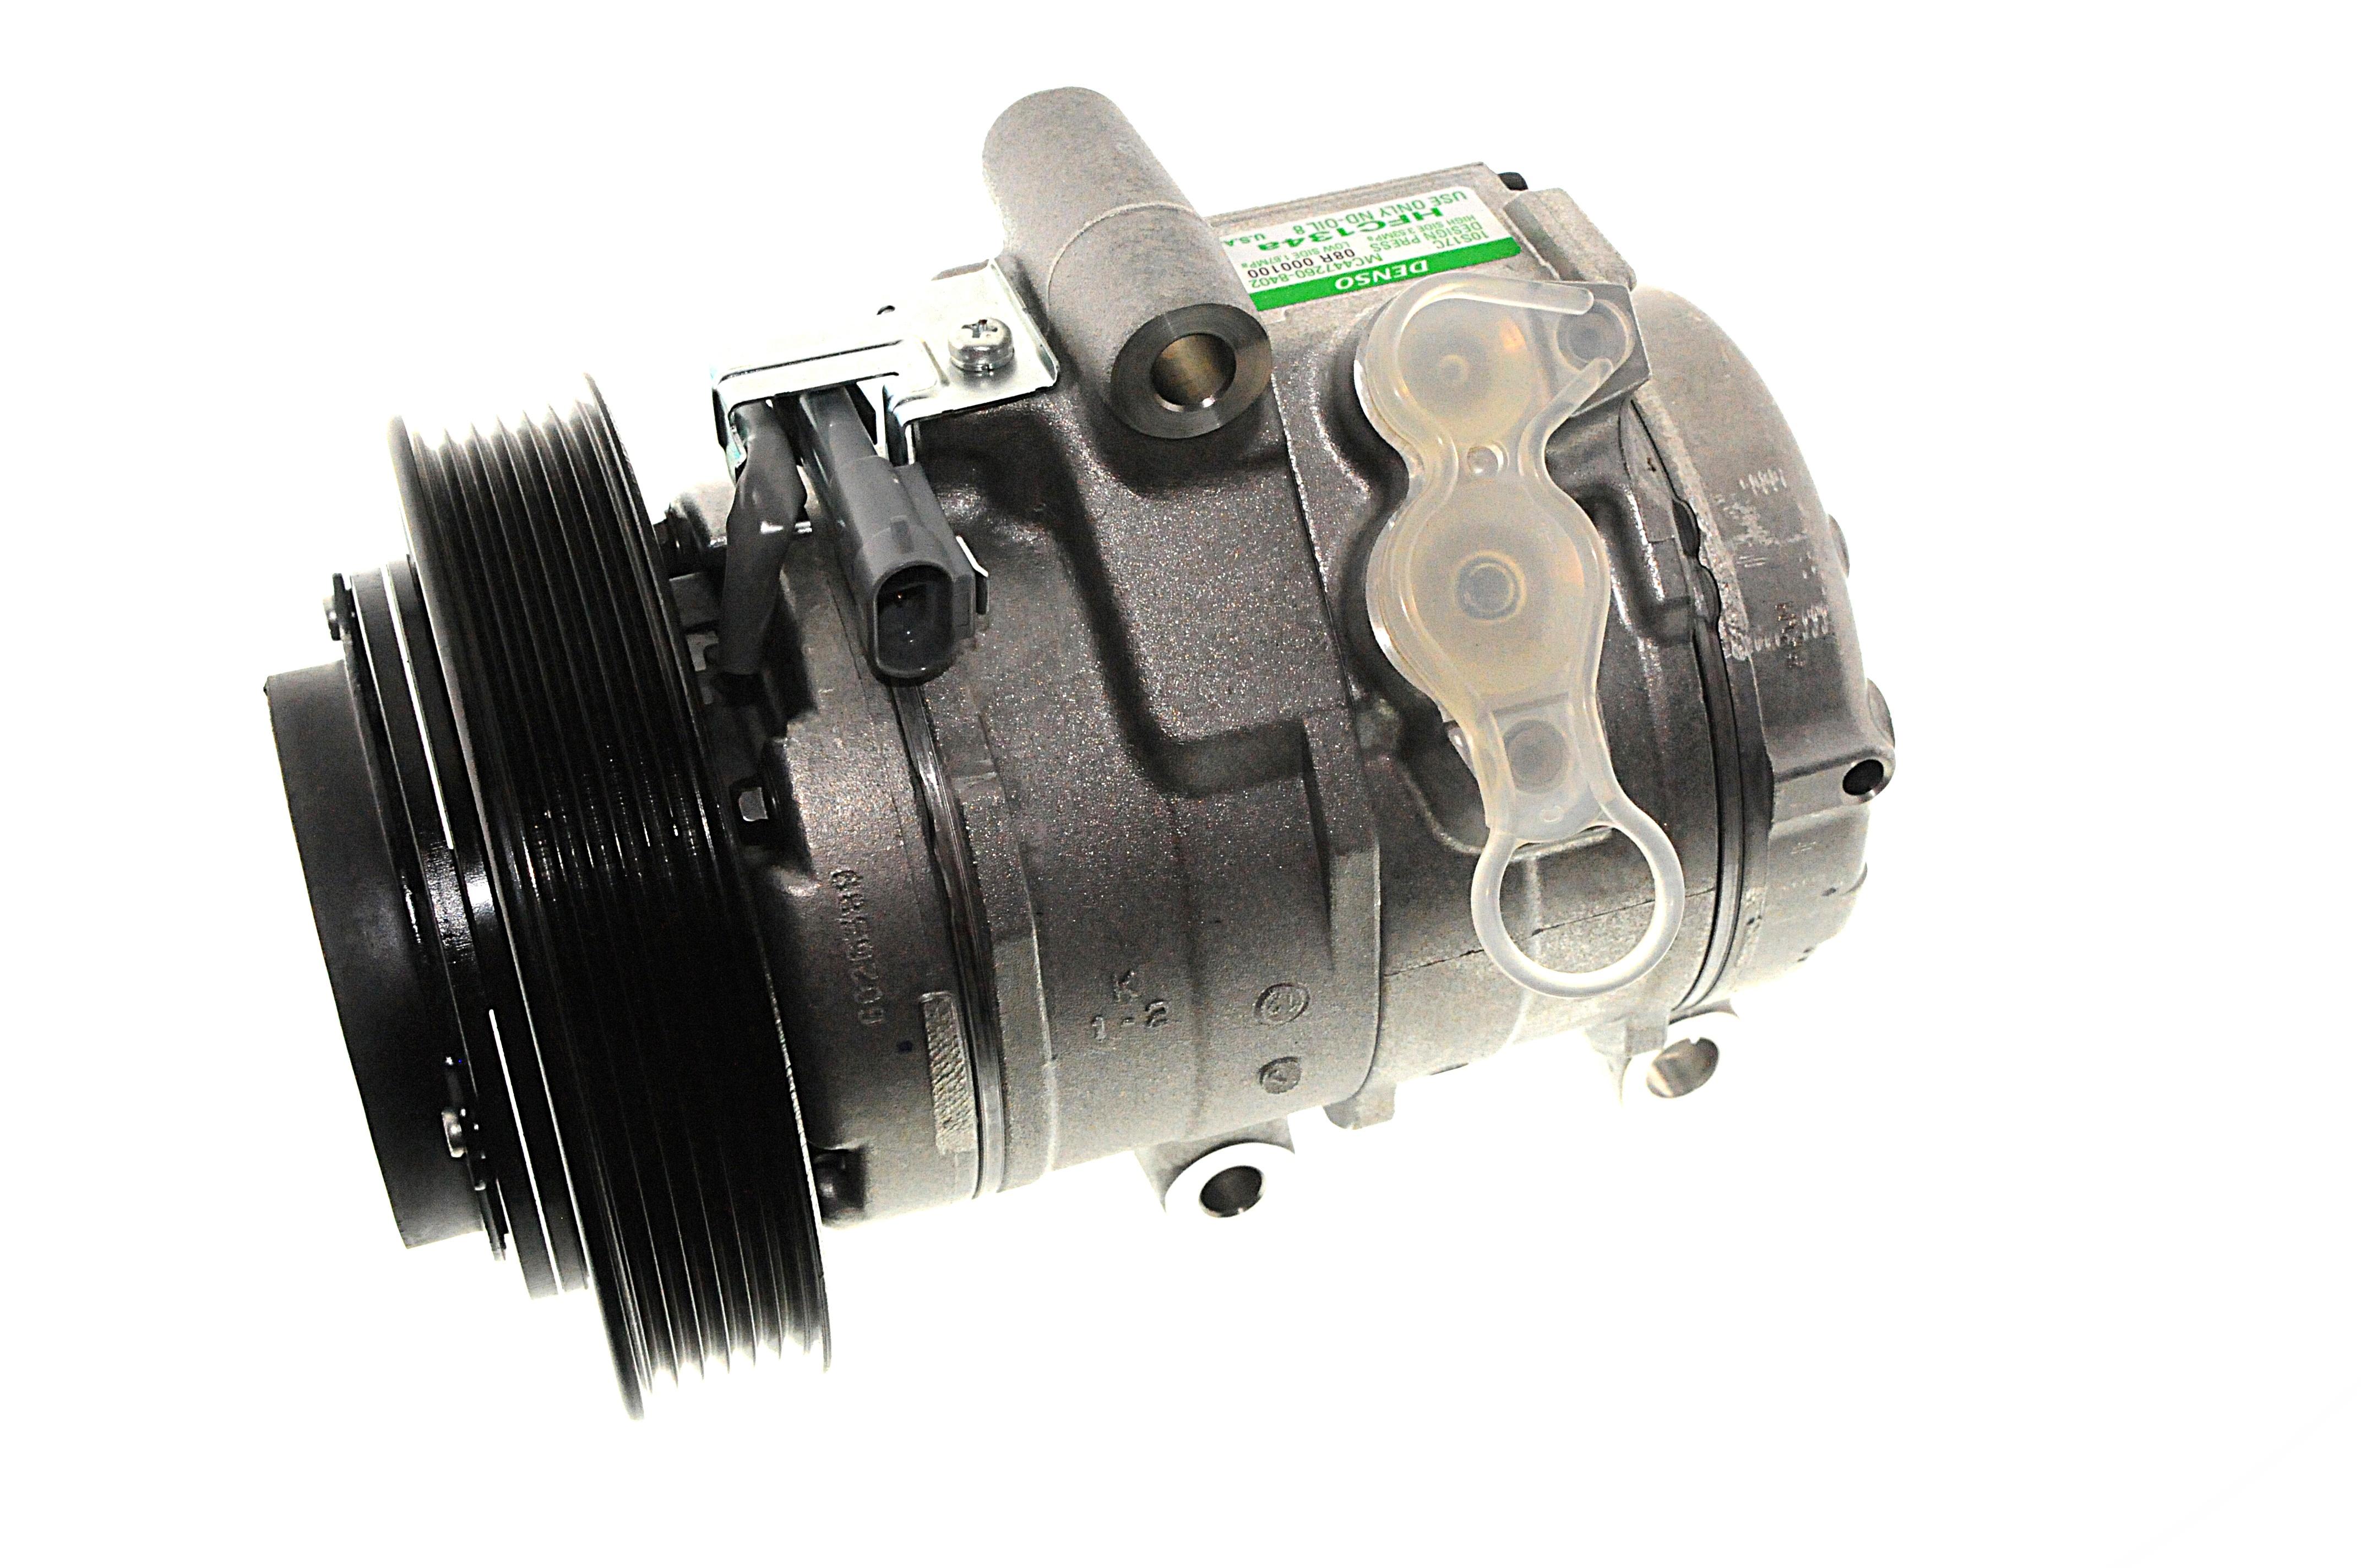 ACDELCO GM ORIGINAL EQUIPMENT - A/C Compressor and Clutch - DCB 15-21194